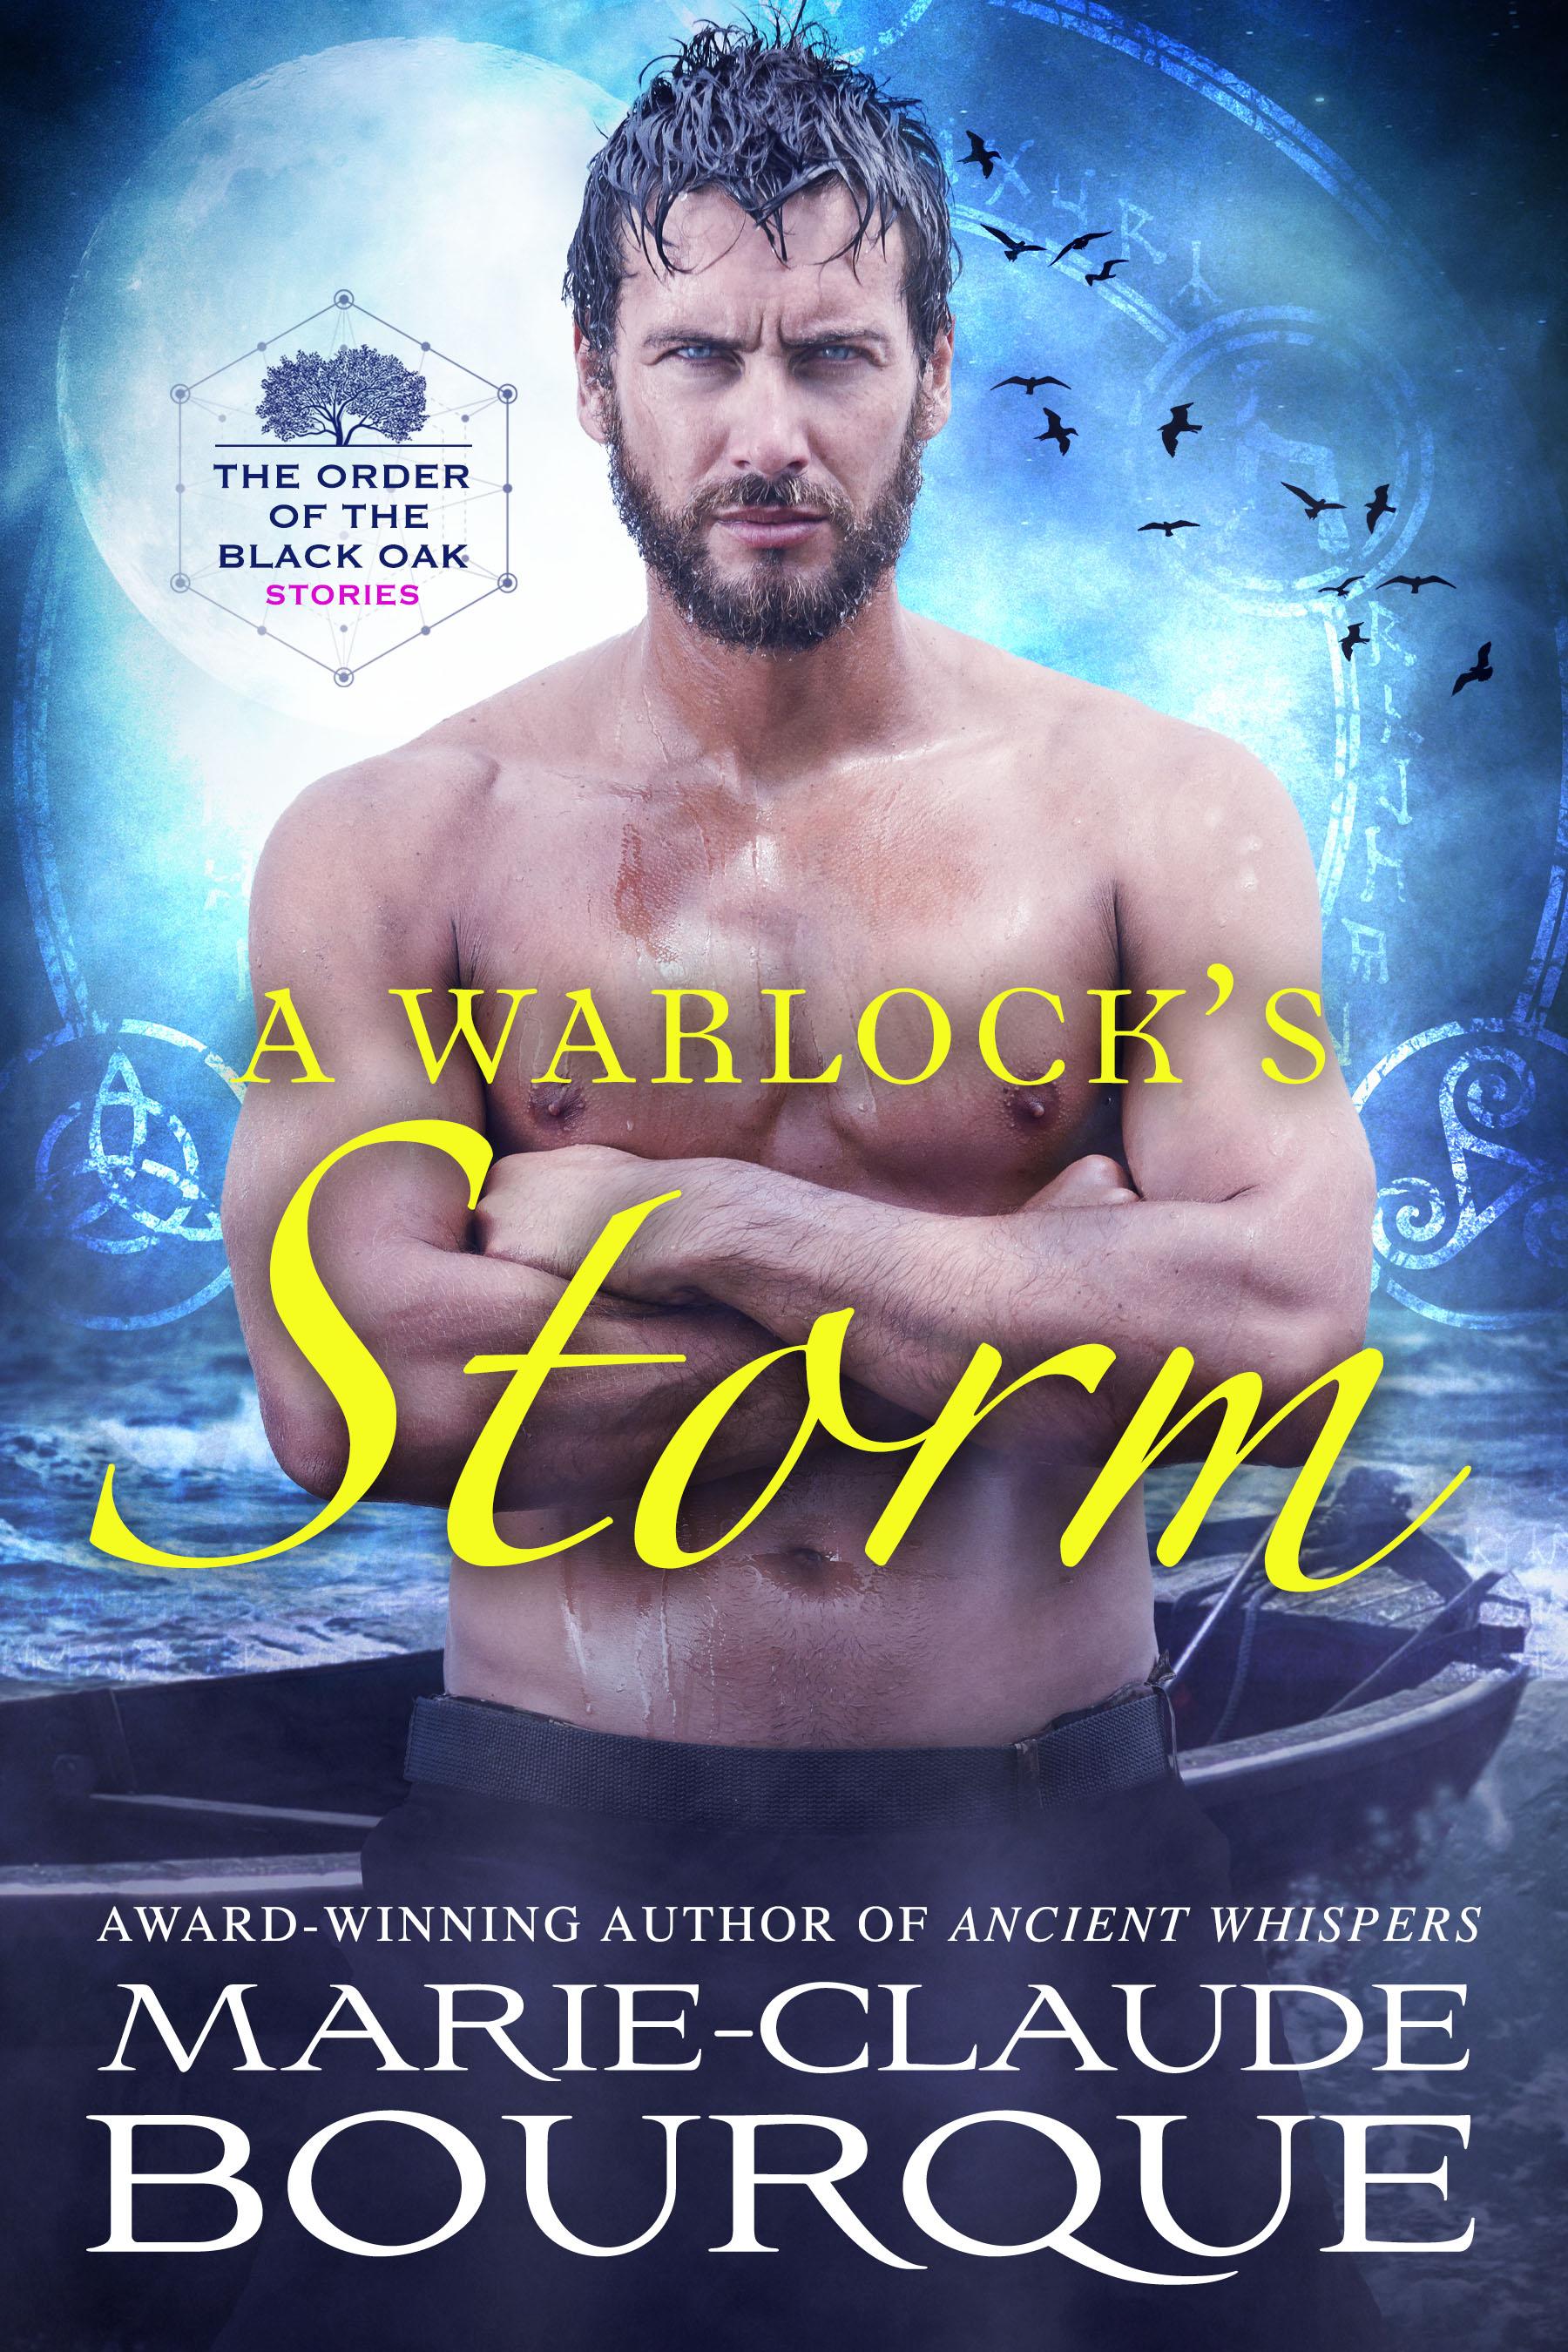 A-Warlocks-Storm-highres